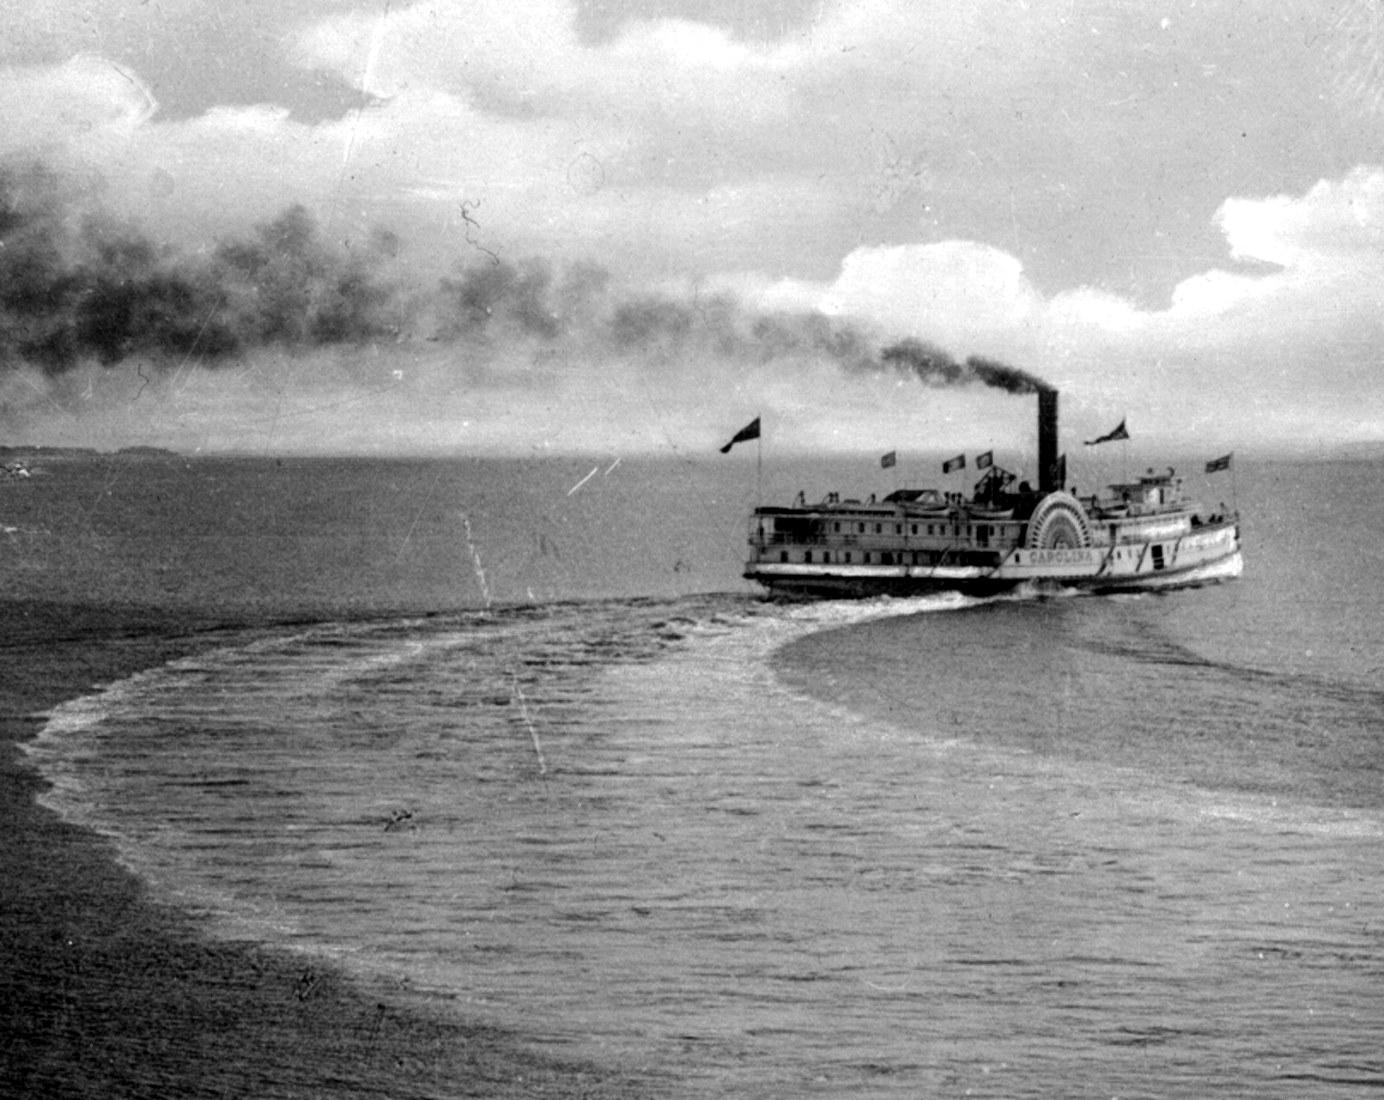 Un navire de croisière effectue une manœuvre. Une fumée noire s'échappe de sa cheminée.